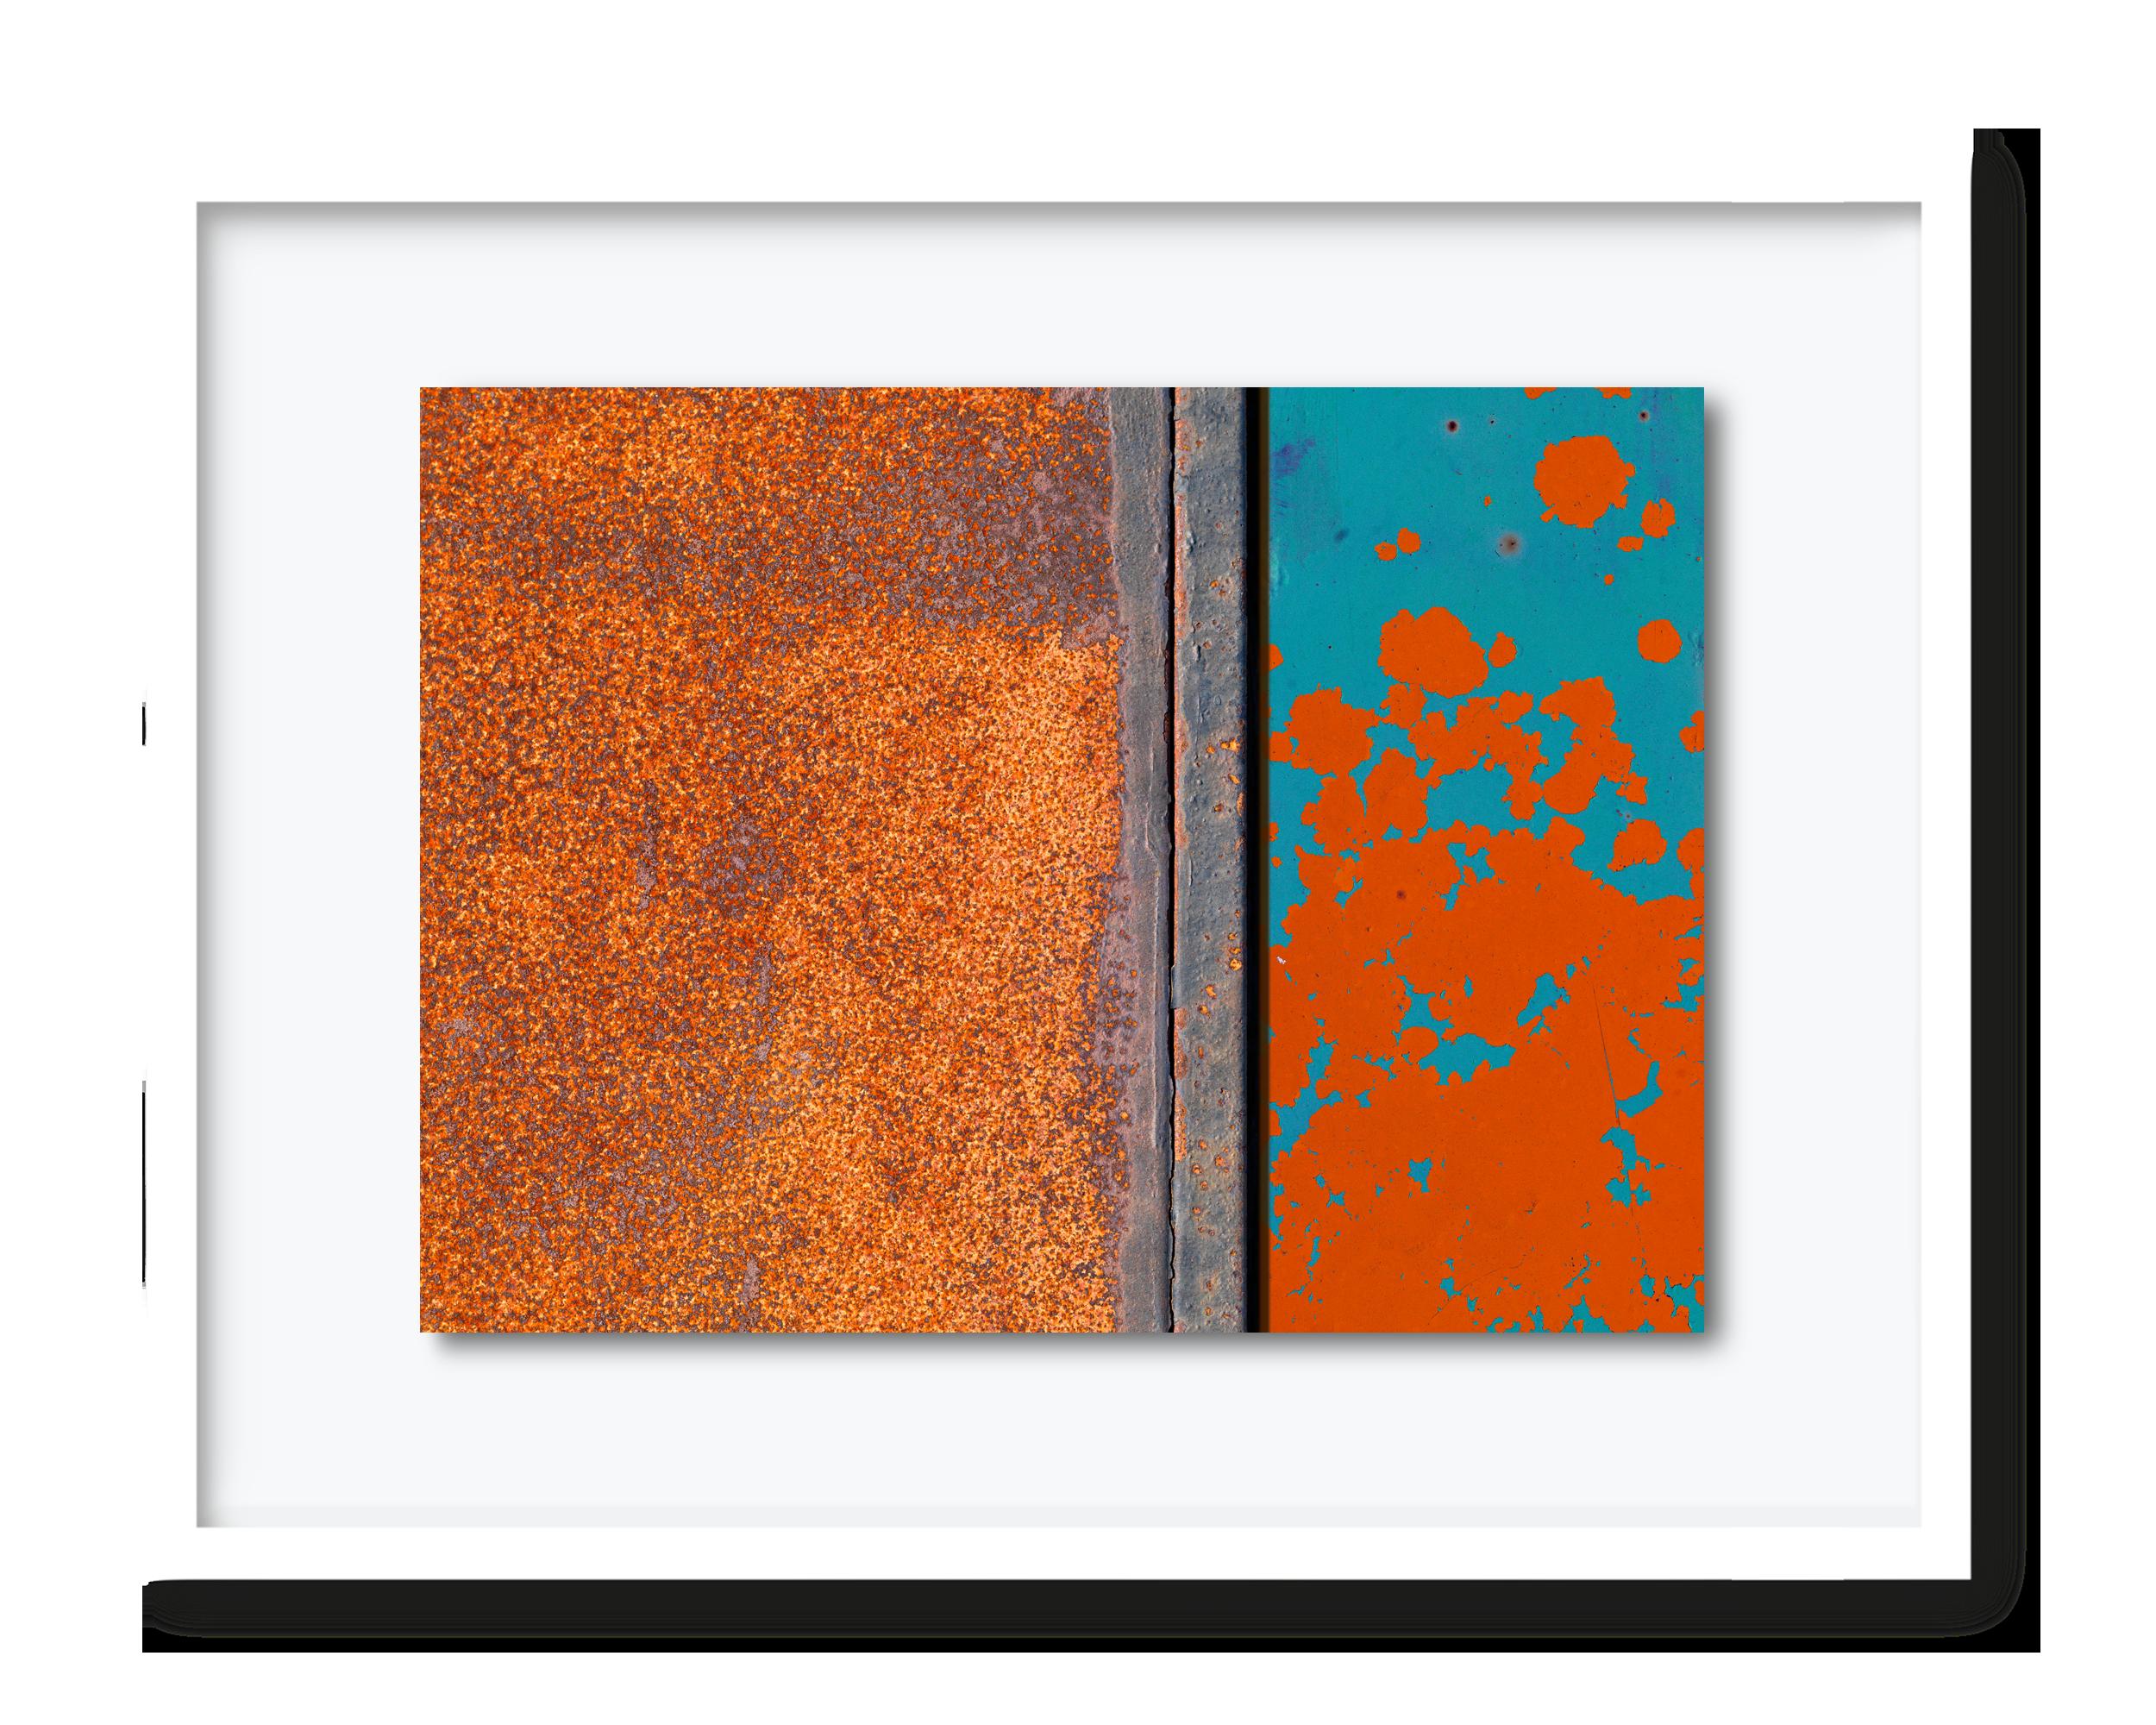 65.david-pearce-rust-paint.png